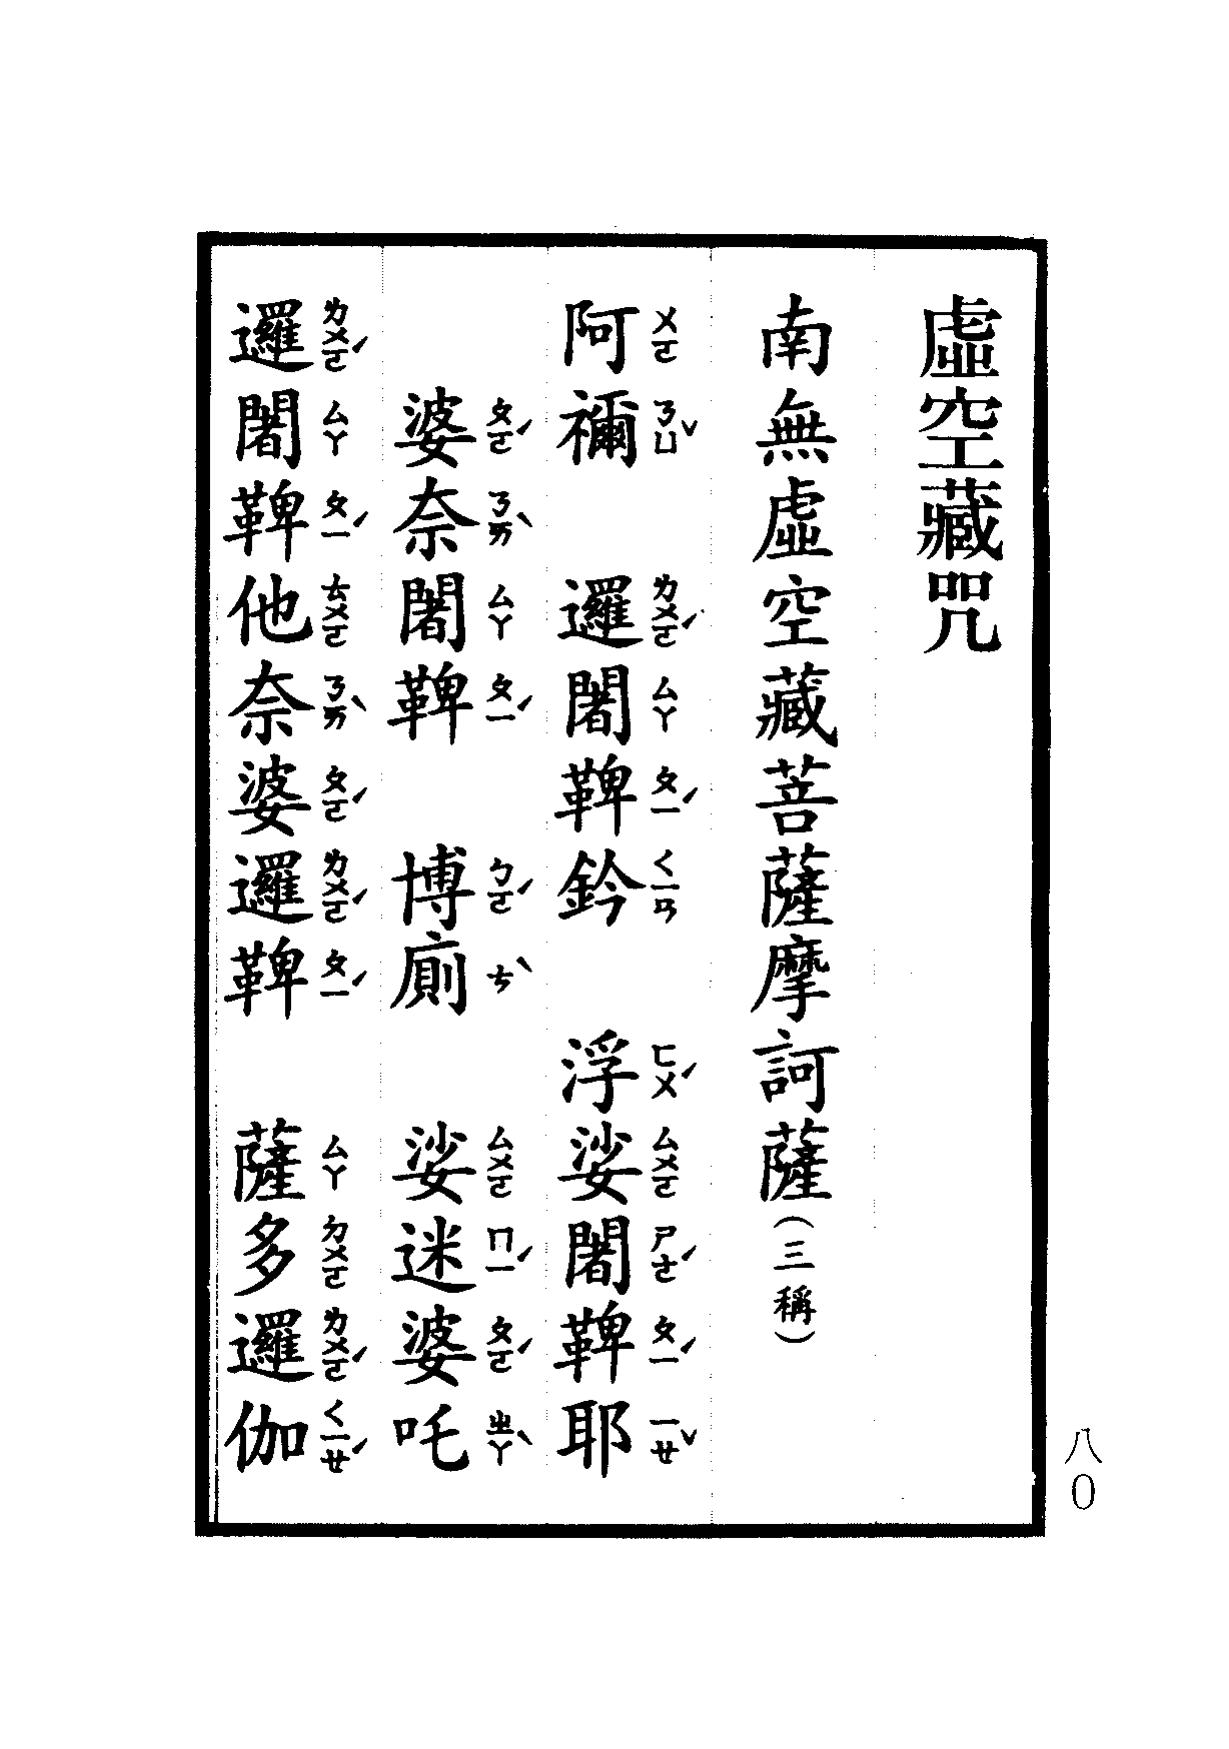 楞嚴咒-大悲咒-十小咒-易背本 86.png